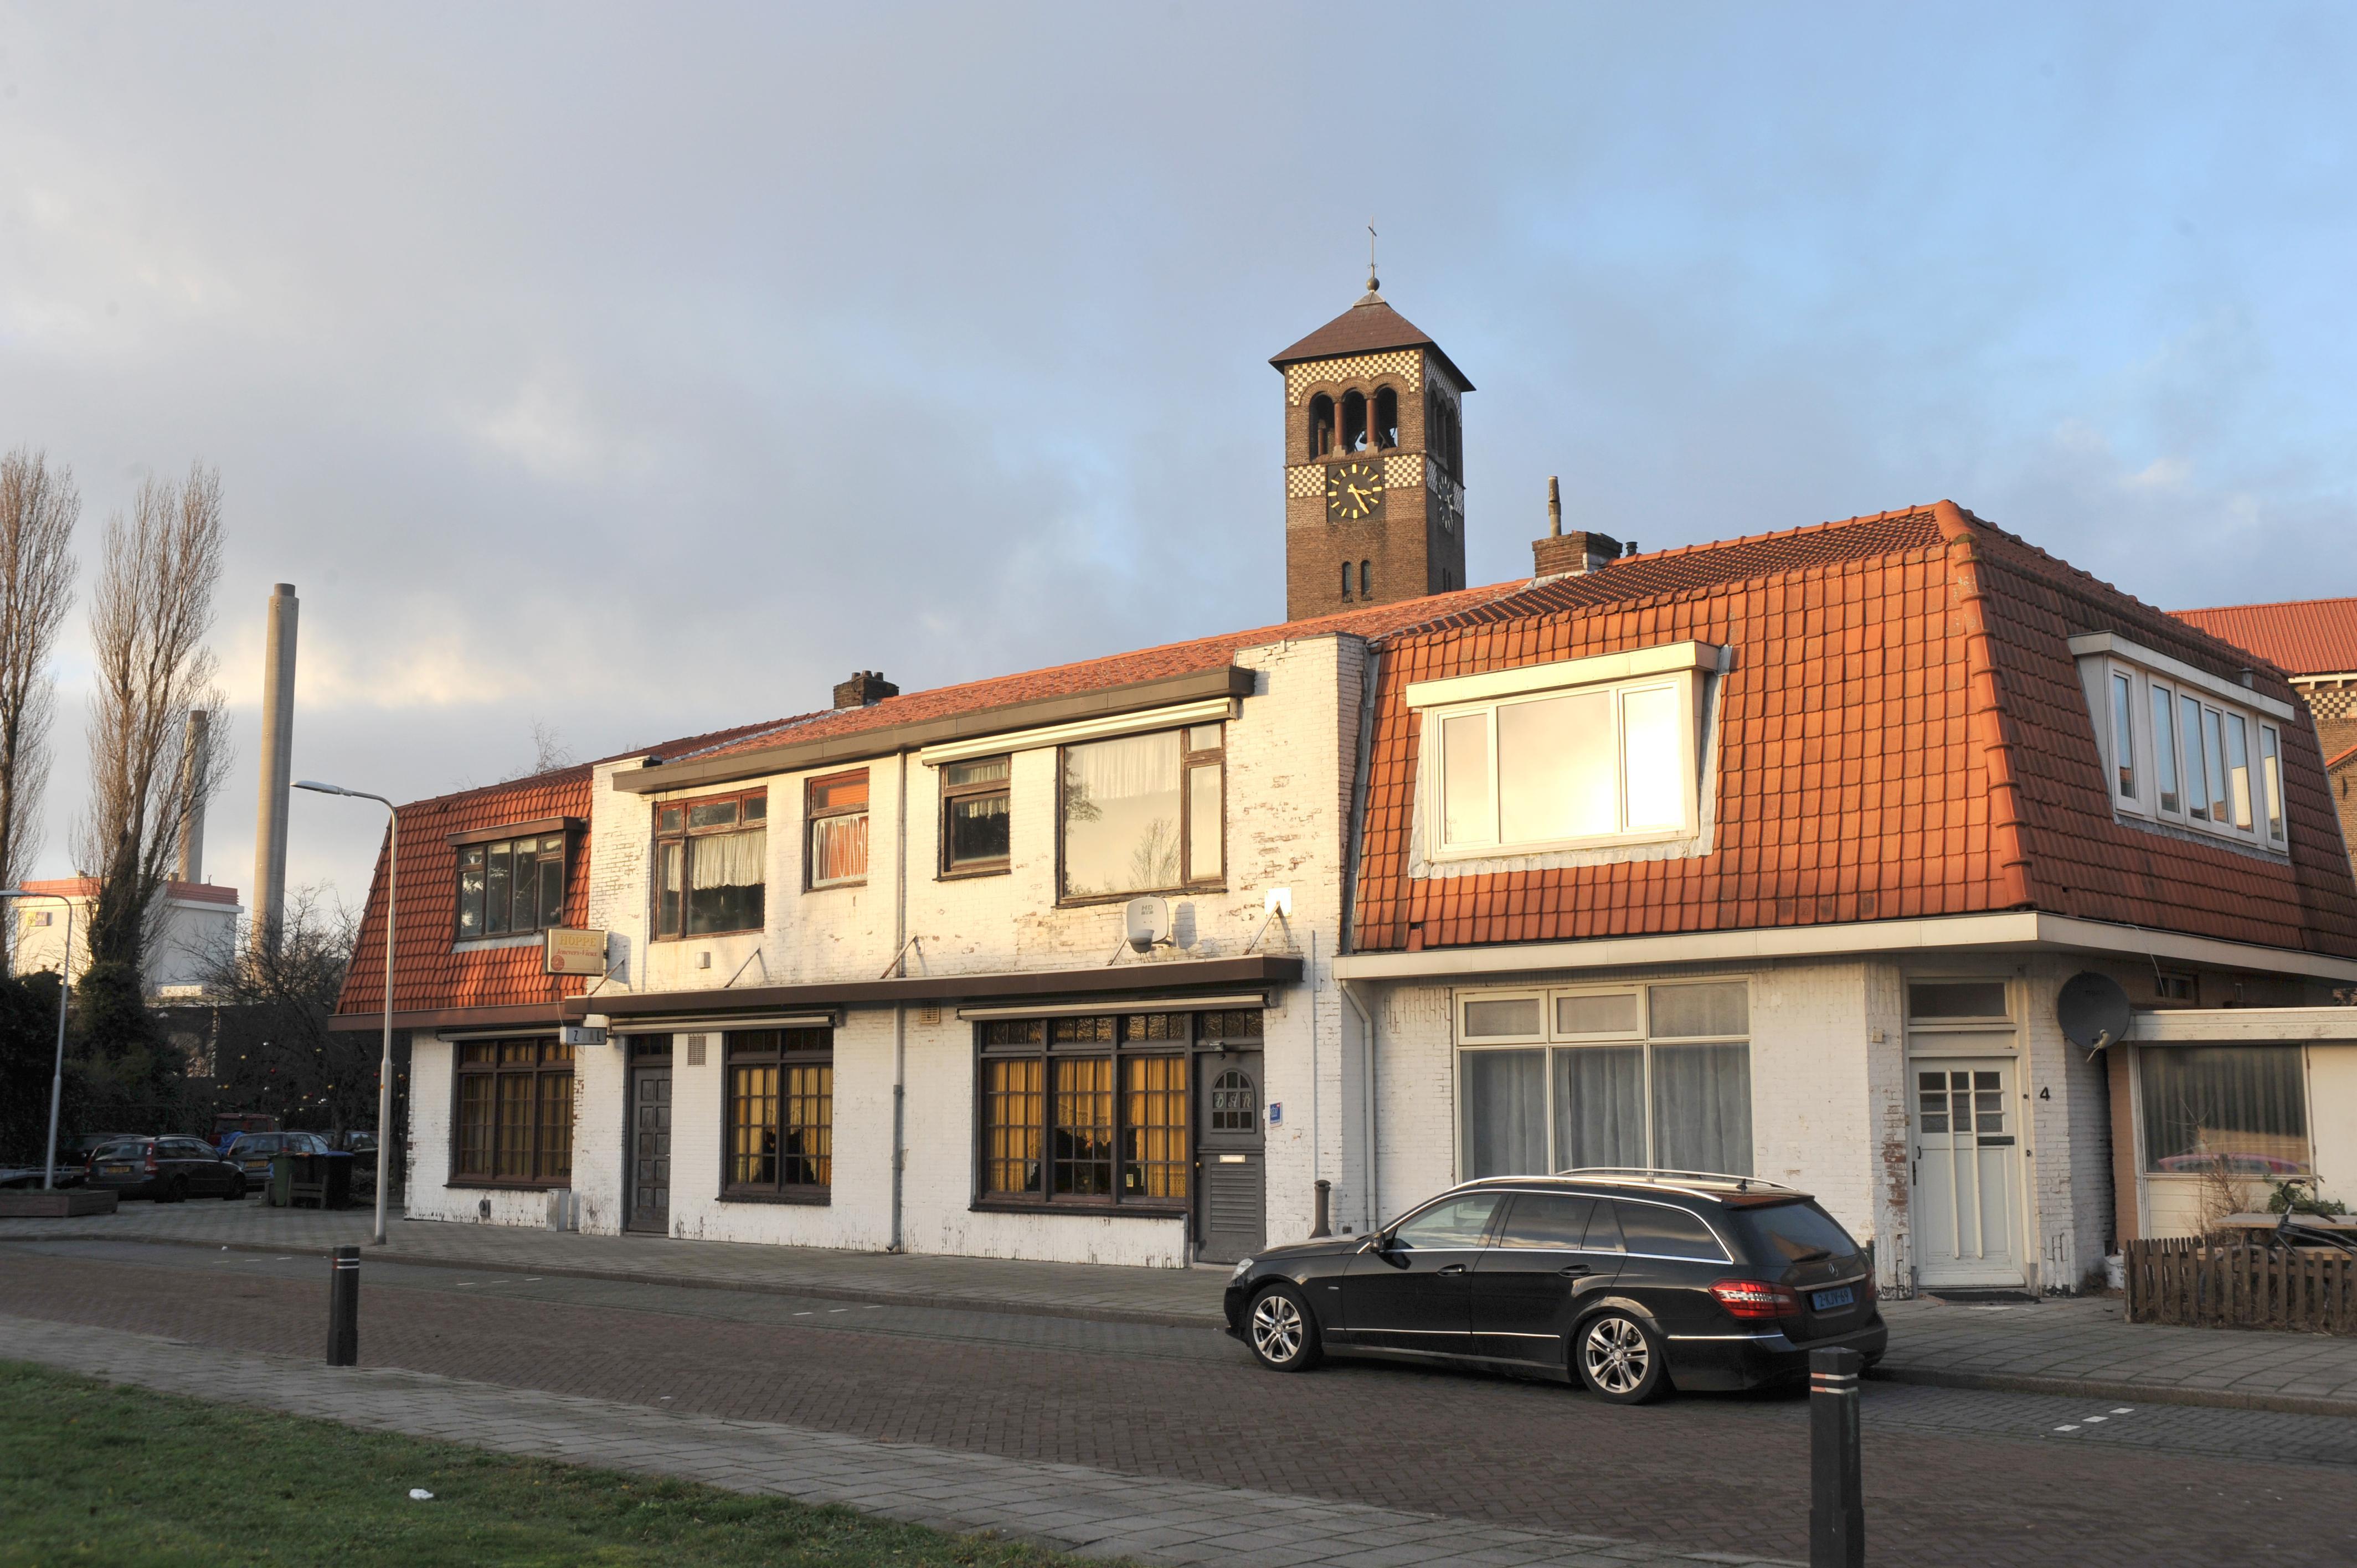 Ontwikkelaar koopt huizen bij St. Jozefkerk in Velsen-Noord op. 'Het moet daar weer een mooi buurtje worden', zegt Jeroen de Rooij die het godshuis bezit